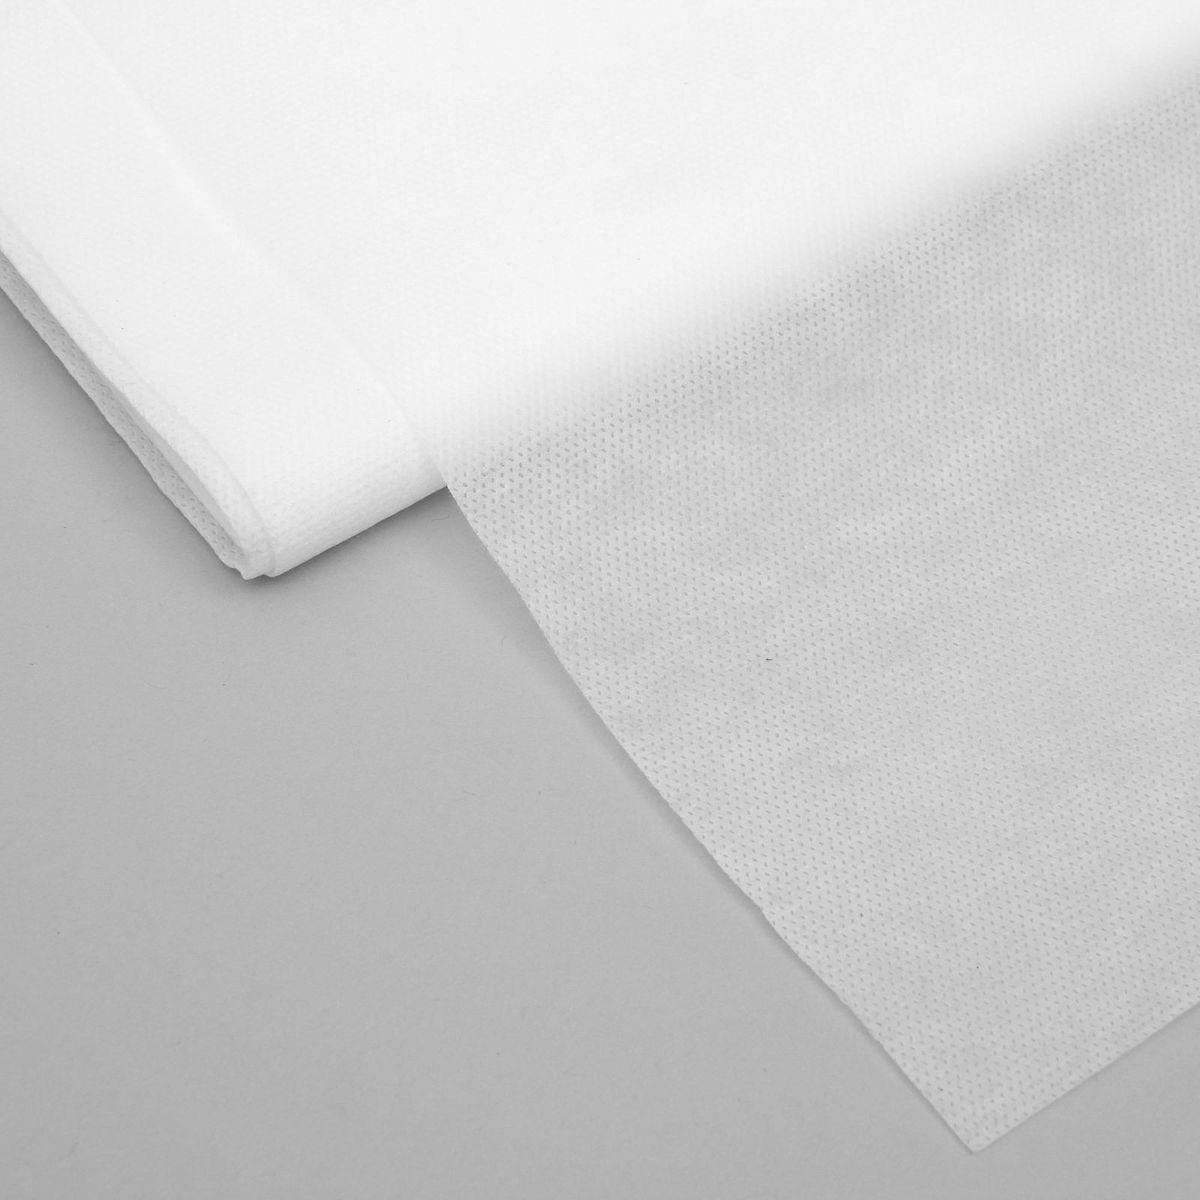 Материал укрывной Агротекс, цвет: белый, 5 х 1,6 м. 14629901462990Агротекс 60 предназначен для укрытия сельскохозяйственных культур на грядках с дугами или без. При этом побеги не повреждаются по мере развития: они приподнимают материал и растут свободно. Полотно не образует конденсата, пропускает до 90 % света и поддерживает оптимальный воздухо- и водообмен.Защищает от: -заморозков; -перегрева; -ультрафиолетовых лучей; -насекомых, вредителей; -сильного ветра; -осадков.Плотность: 60 г/м2.